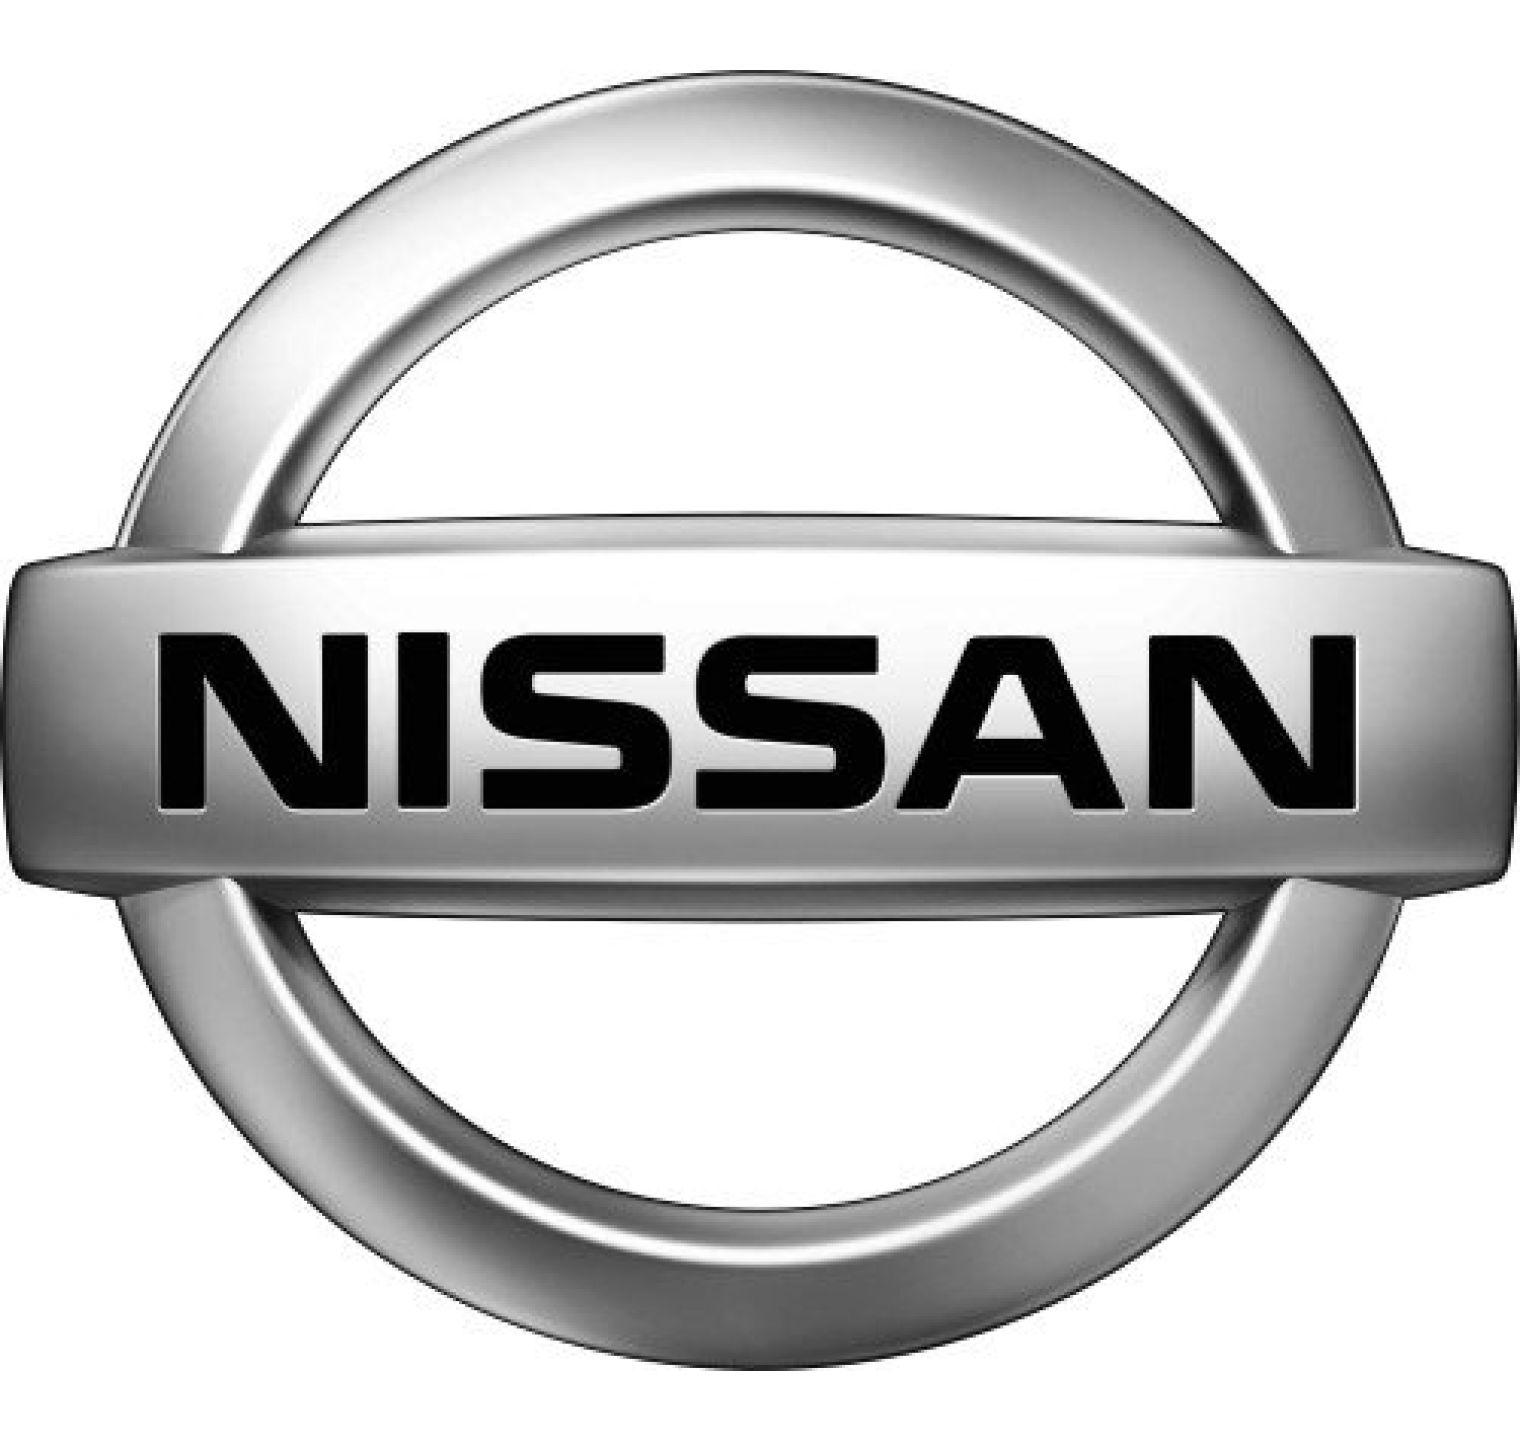 Nissan Almera II Hatchback (vanaf 2000) - achterruitenwisser Valeo Silencio flatblade